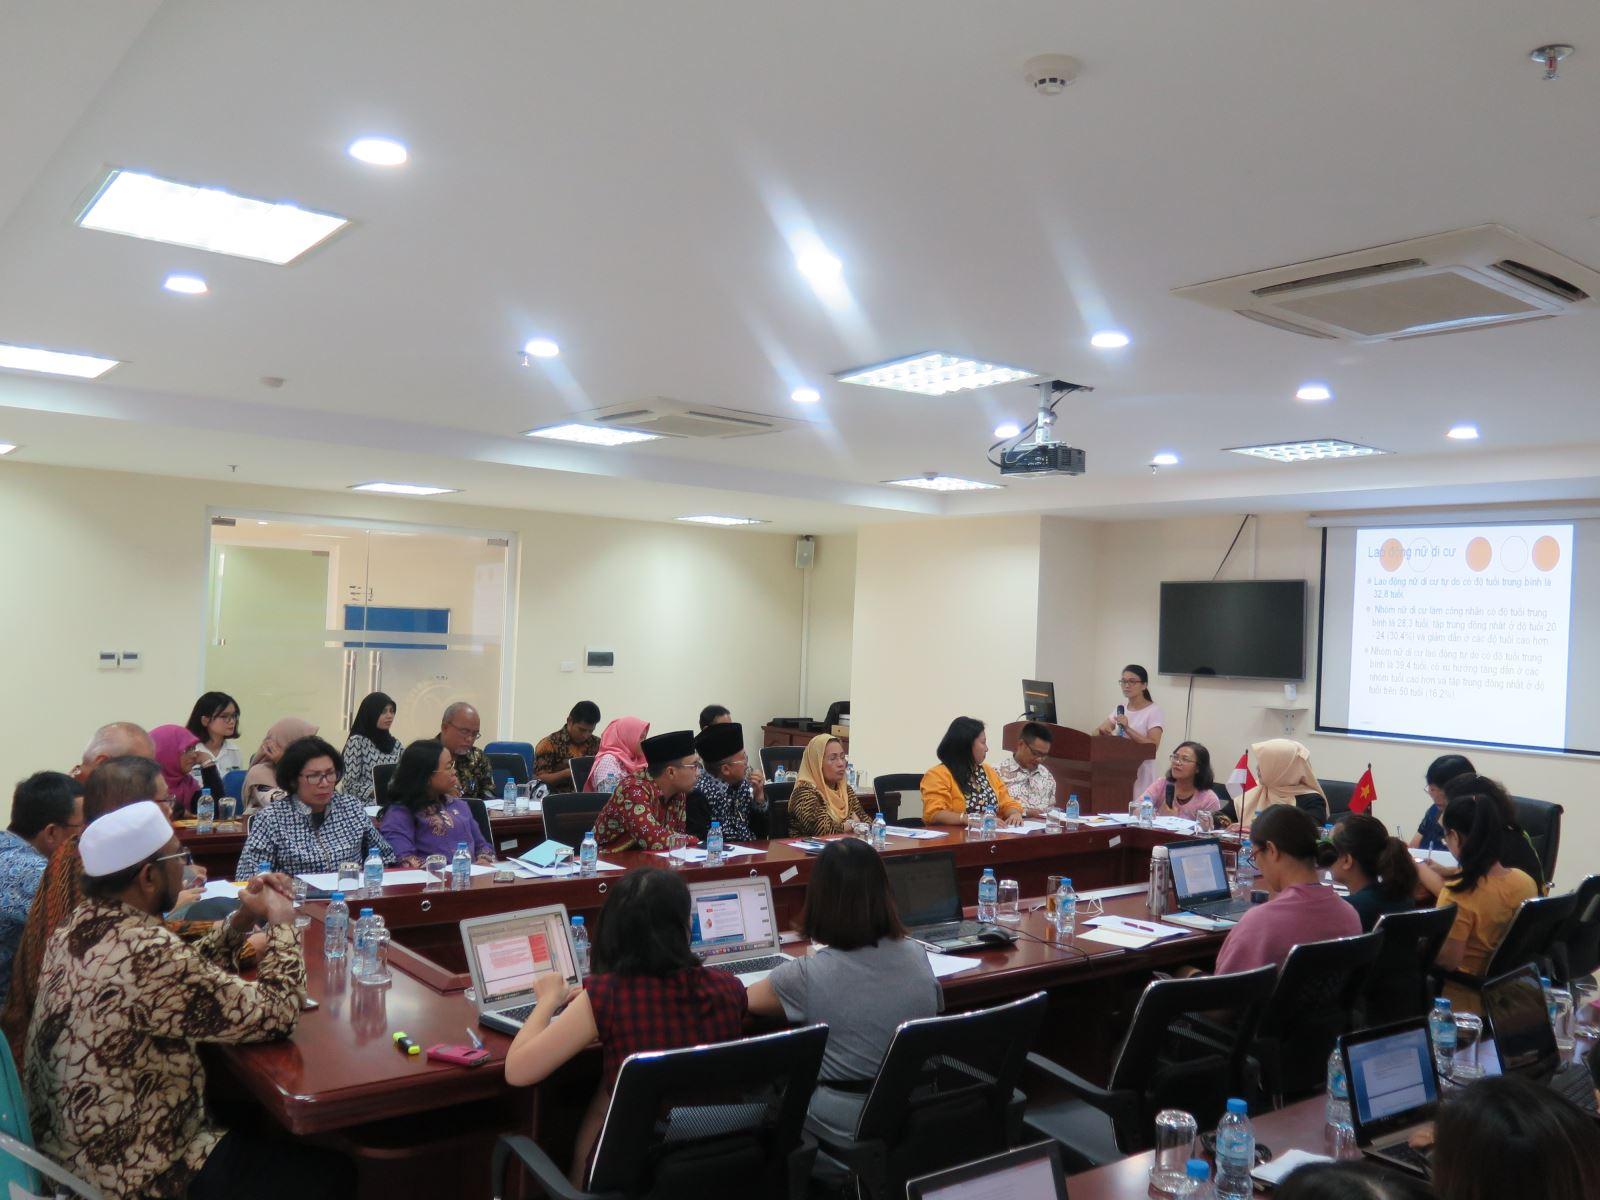 Hội thảo Chính sách của Việt Nam trong lĩnh vực giáo dục về Giới & Gia đình